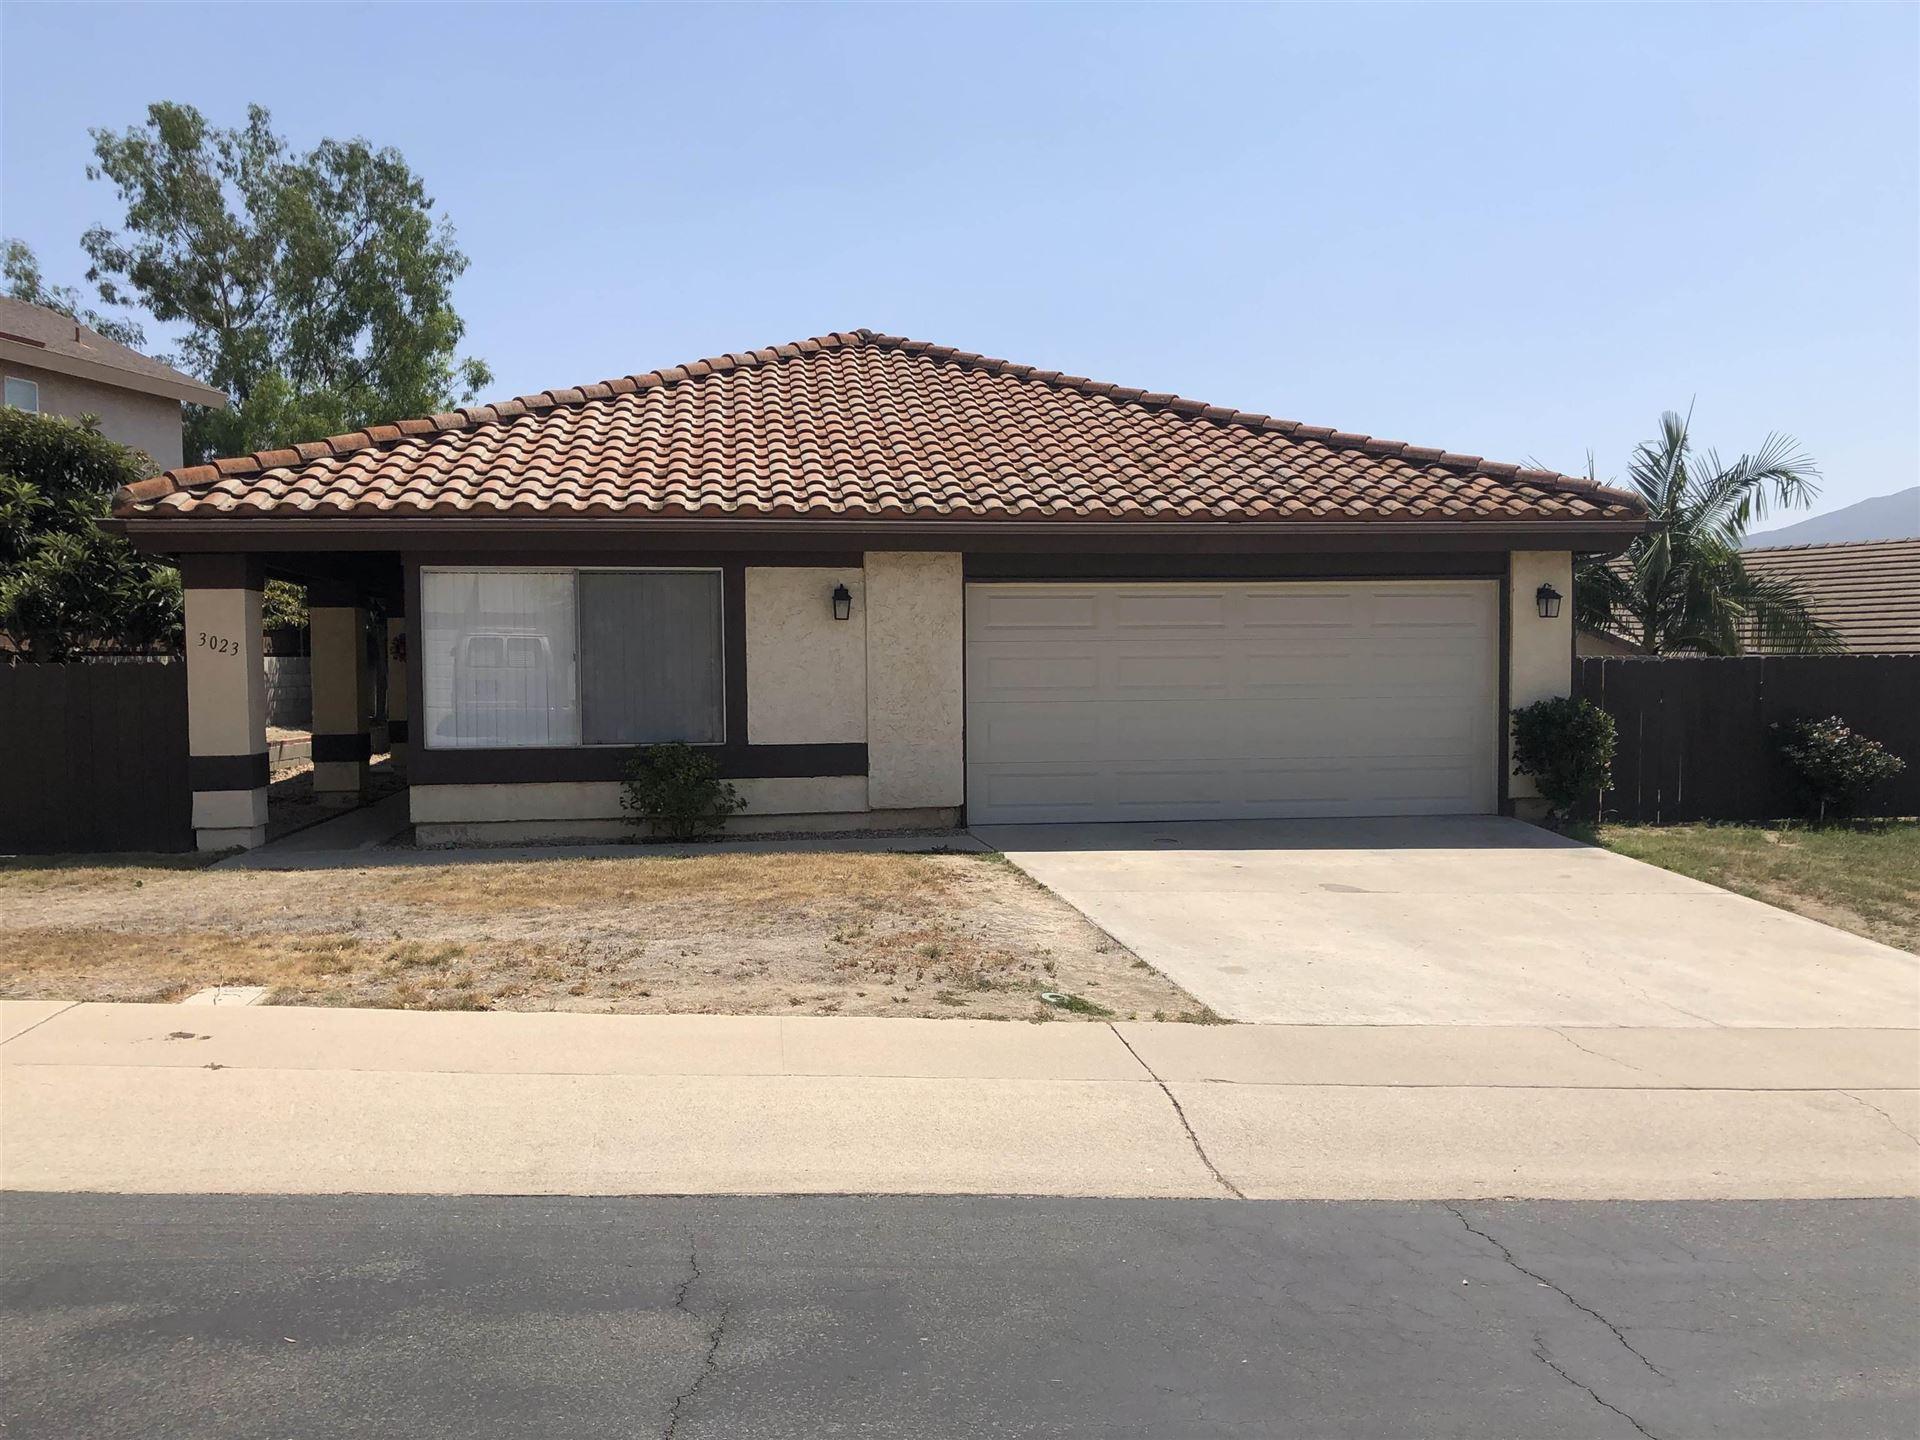 Photo of 3023 Villa Adolee, Spring Valley, CA 91978 (MLS # 210024295)